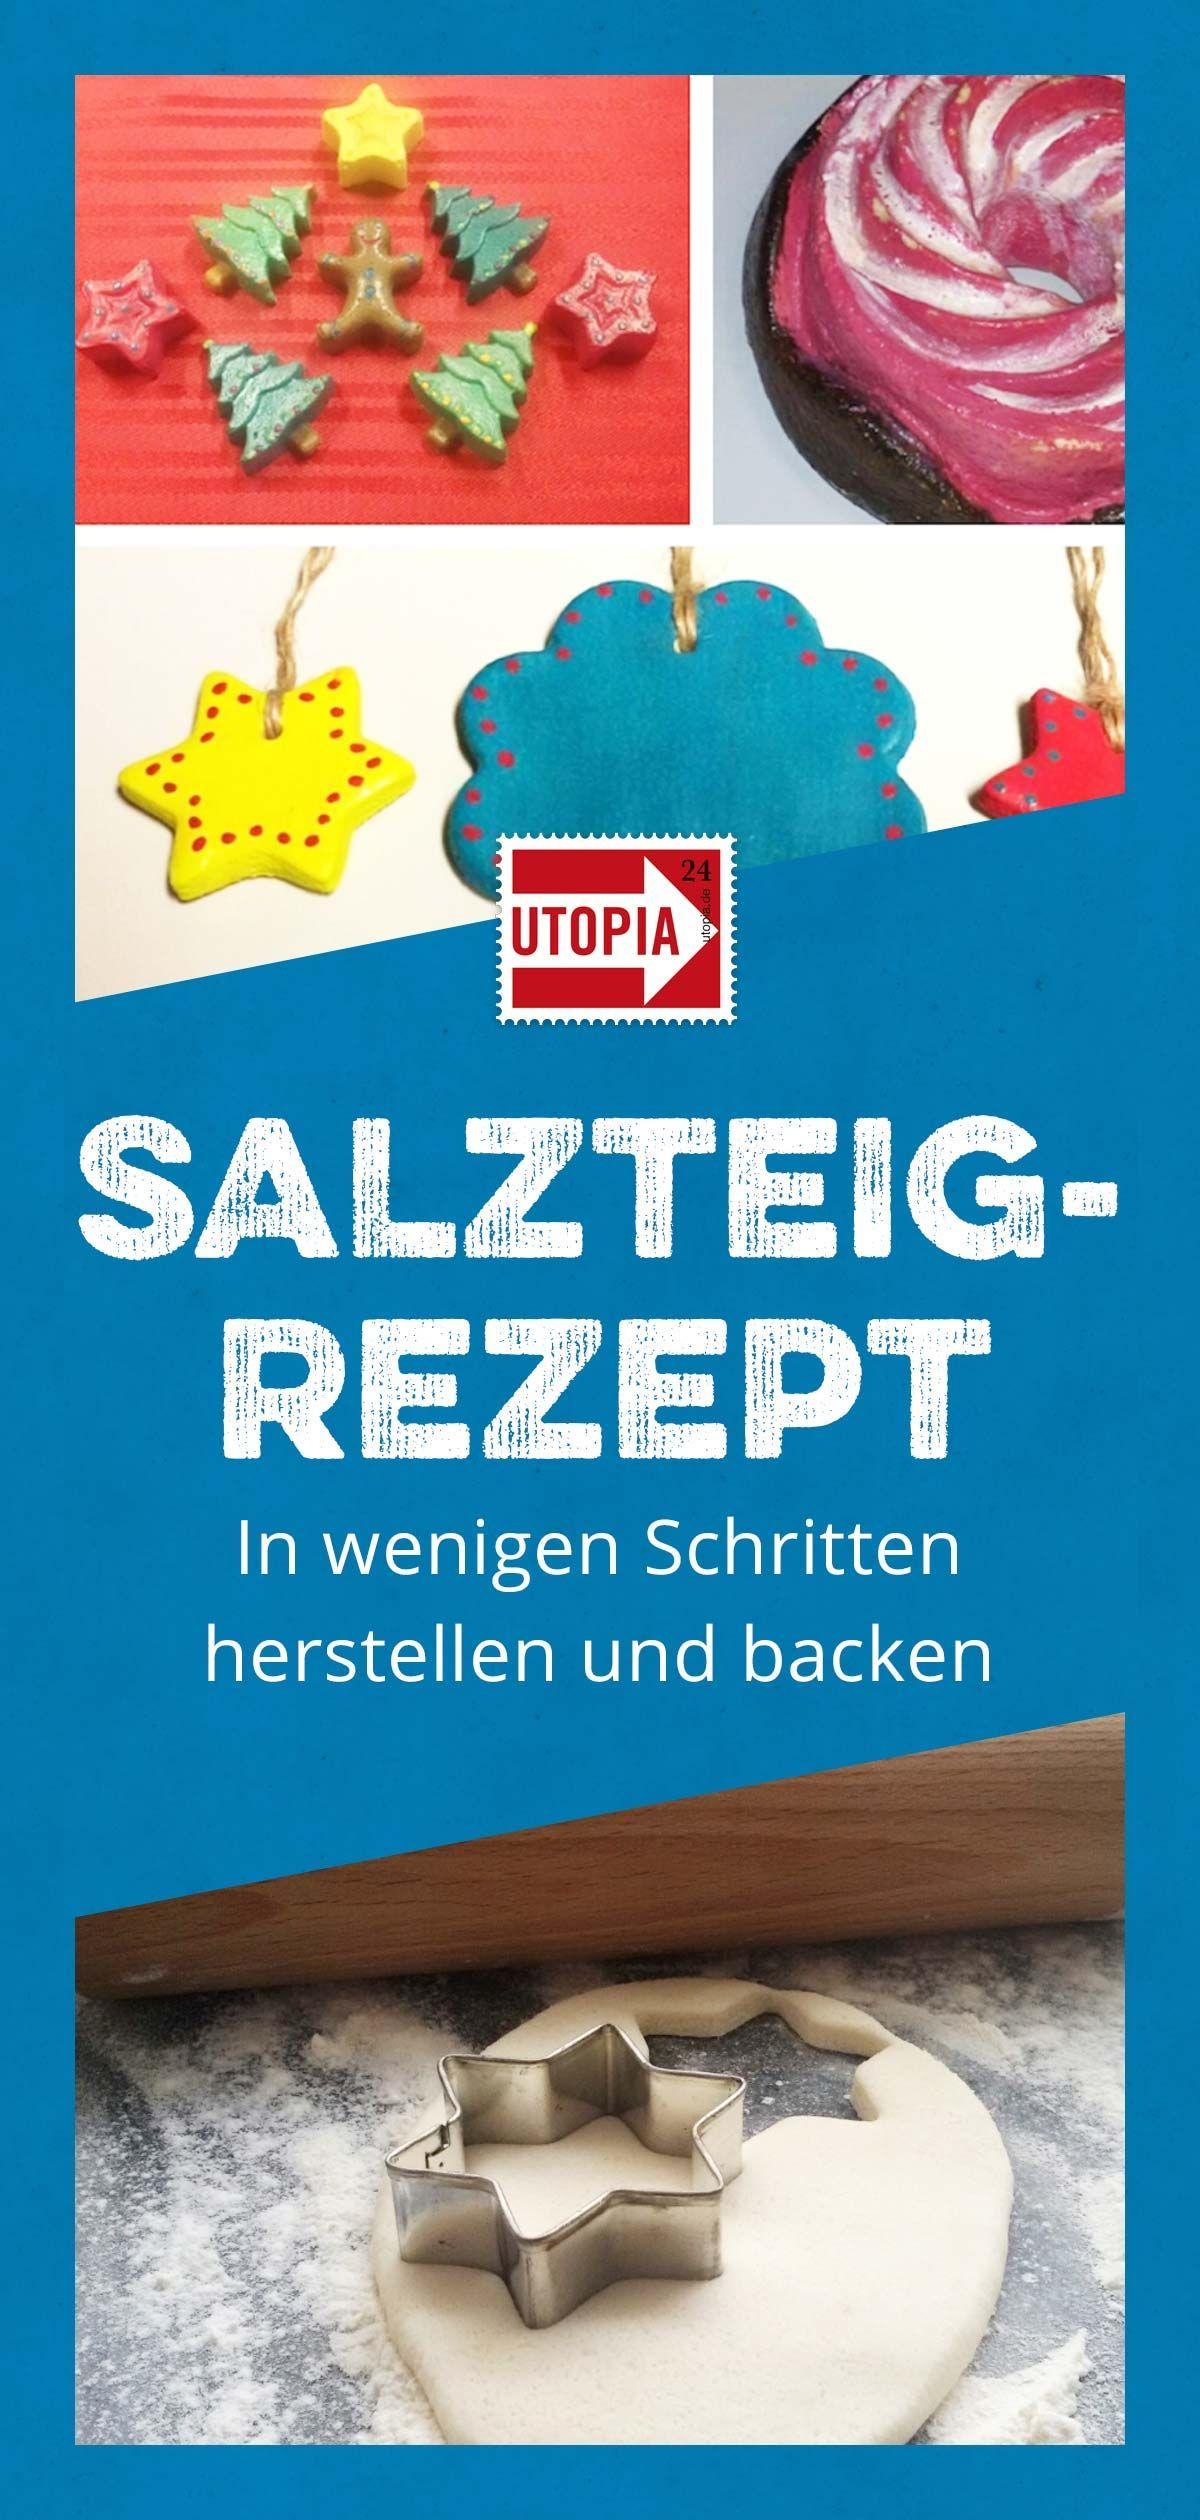 Salzteig-Rezept: In wenigen Schritten herstellen und backen - Utopia.de